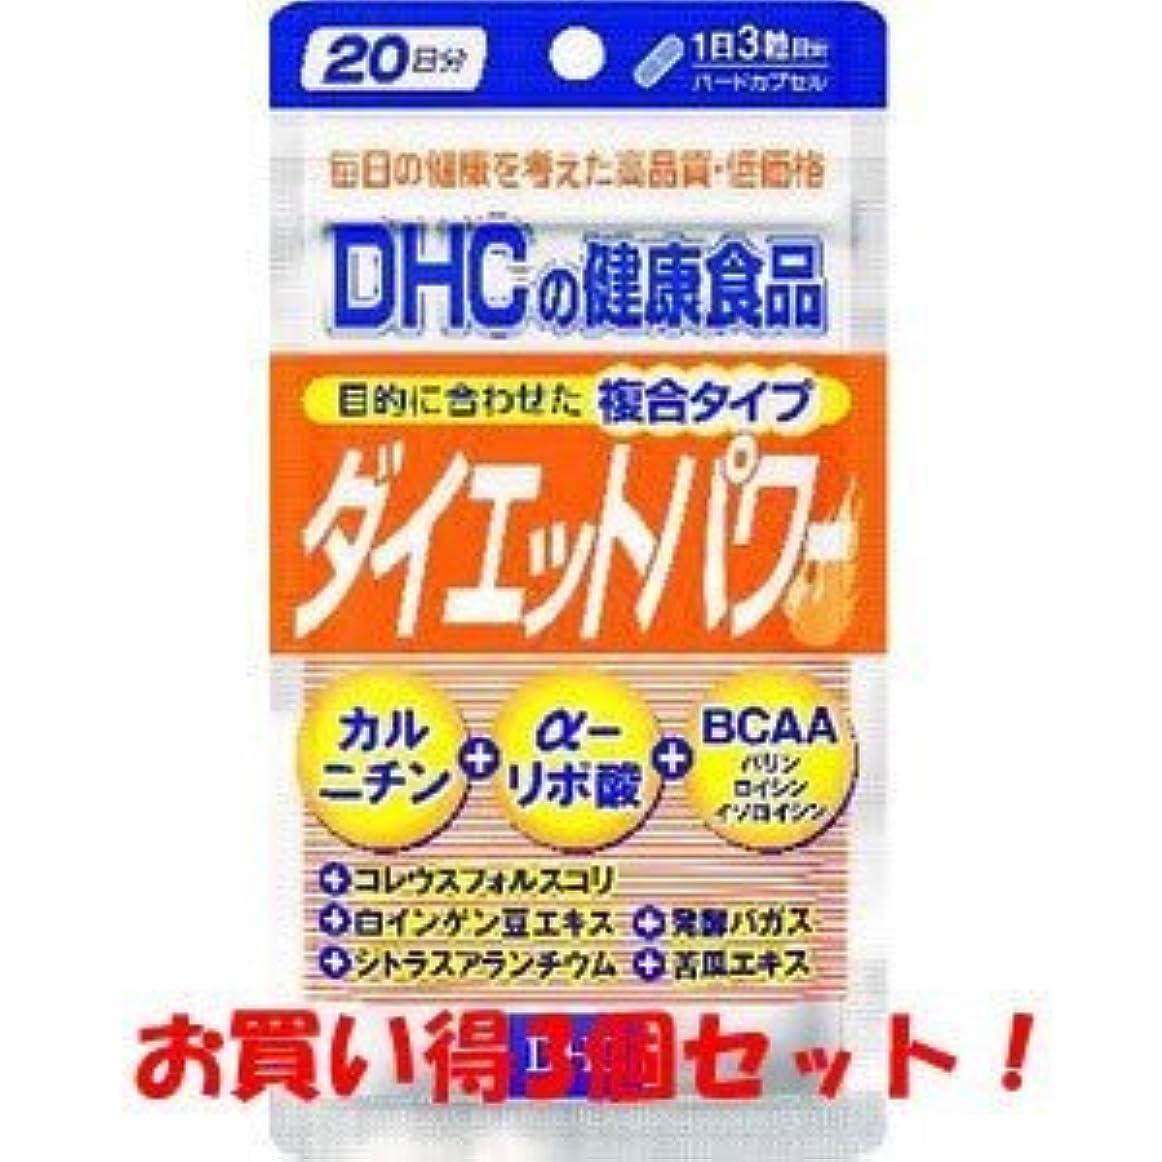 床を掃除する強要メドレーDHC ダイエットパワー20日分 60粒(お買い得3個セット)